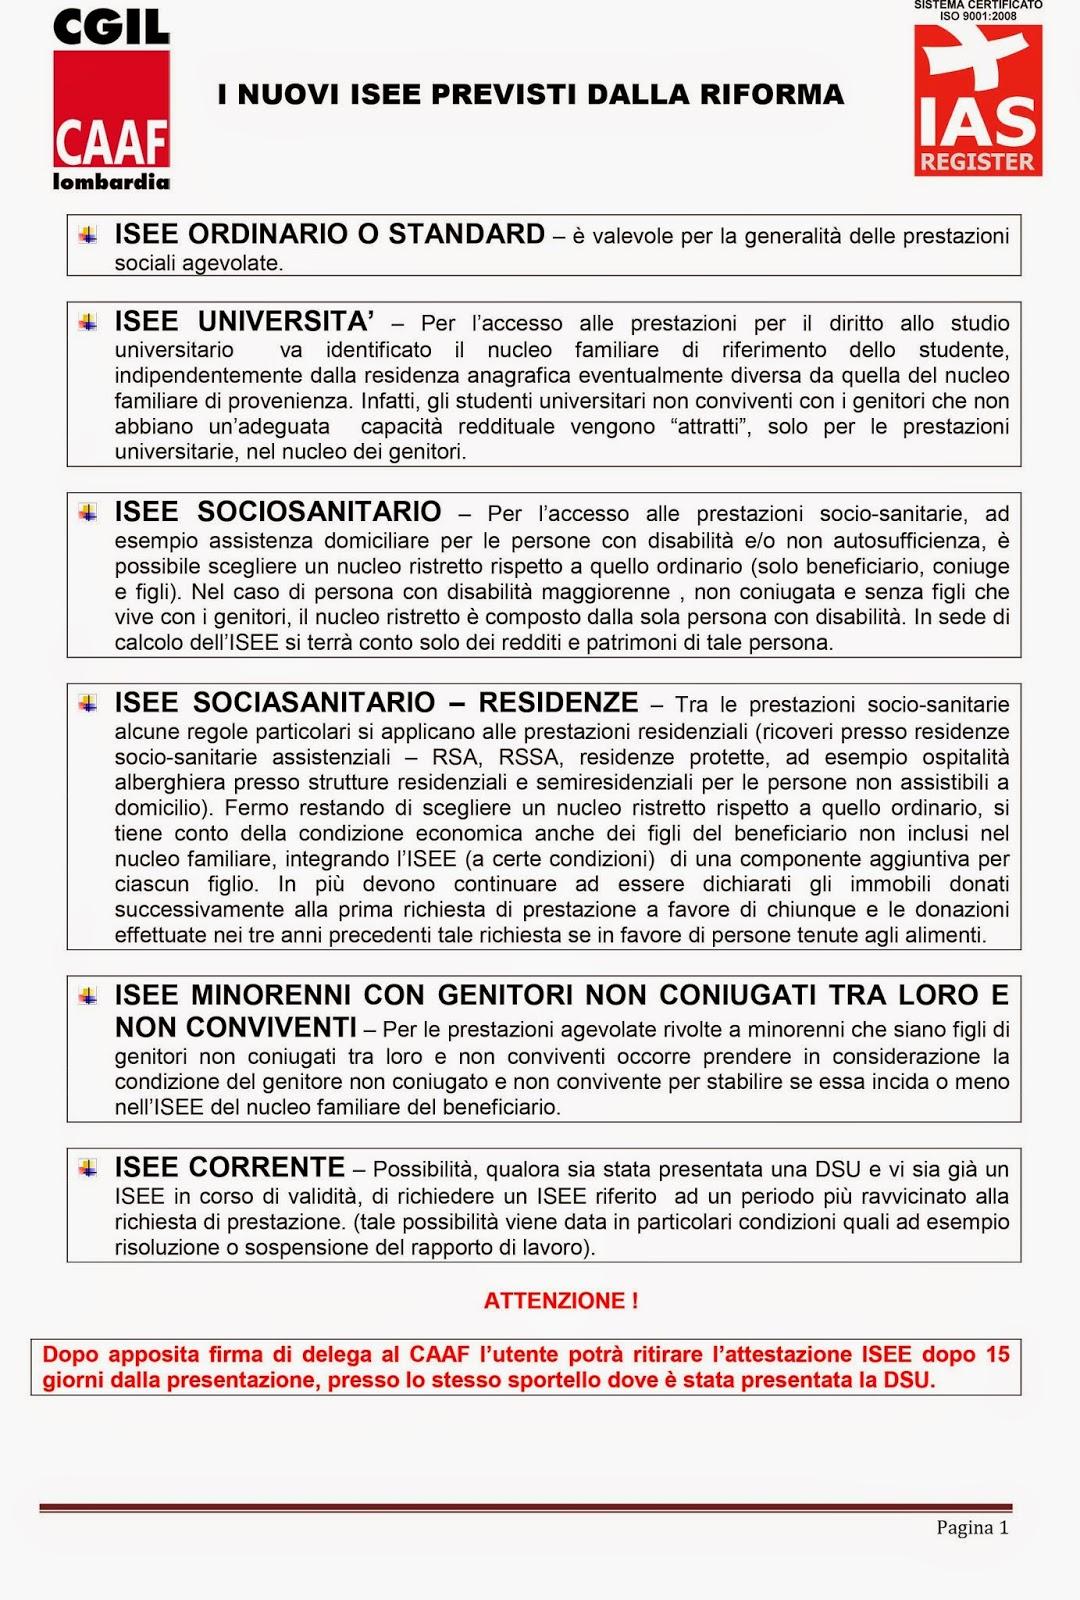 NUOVA DOCUMENTAZIONE PER ISEE 2015